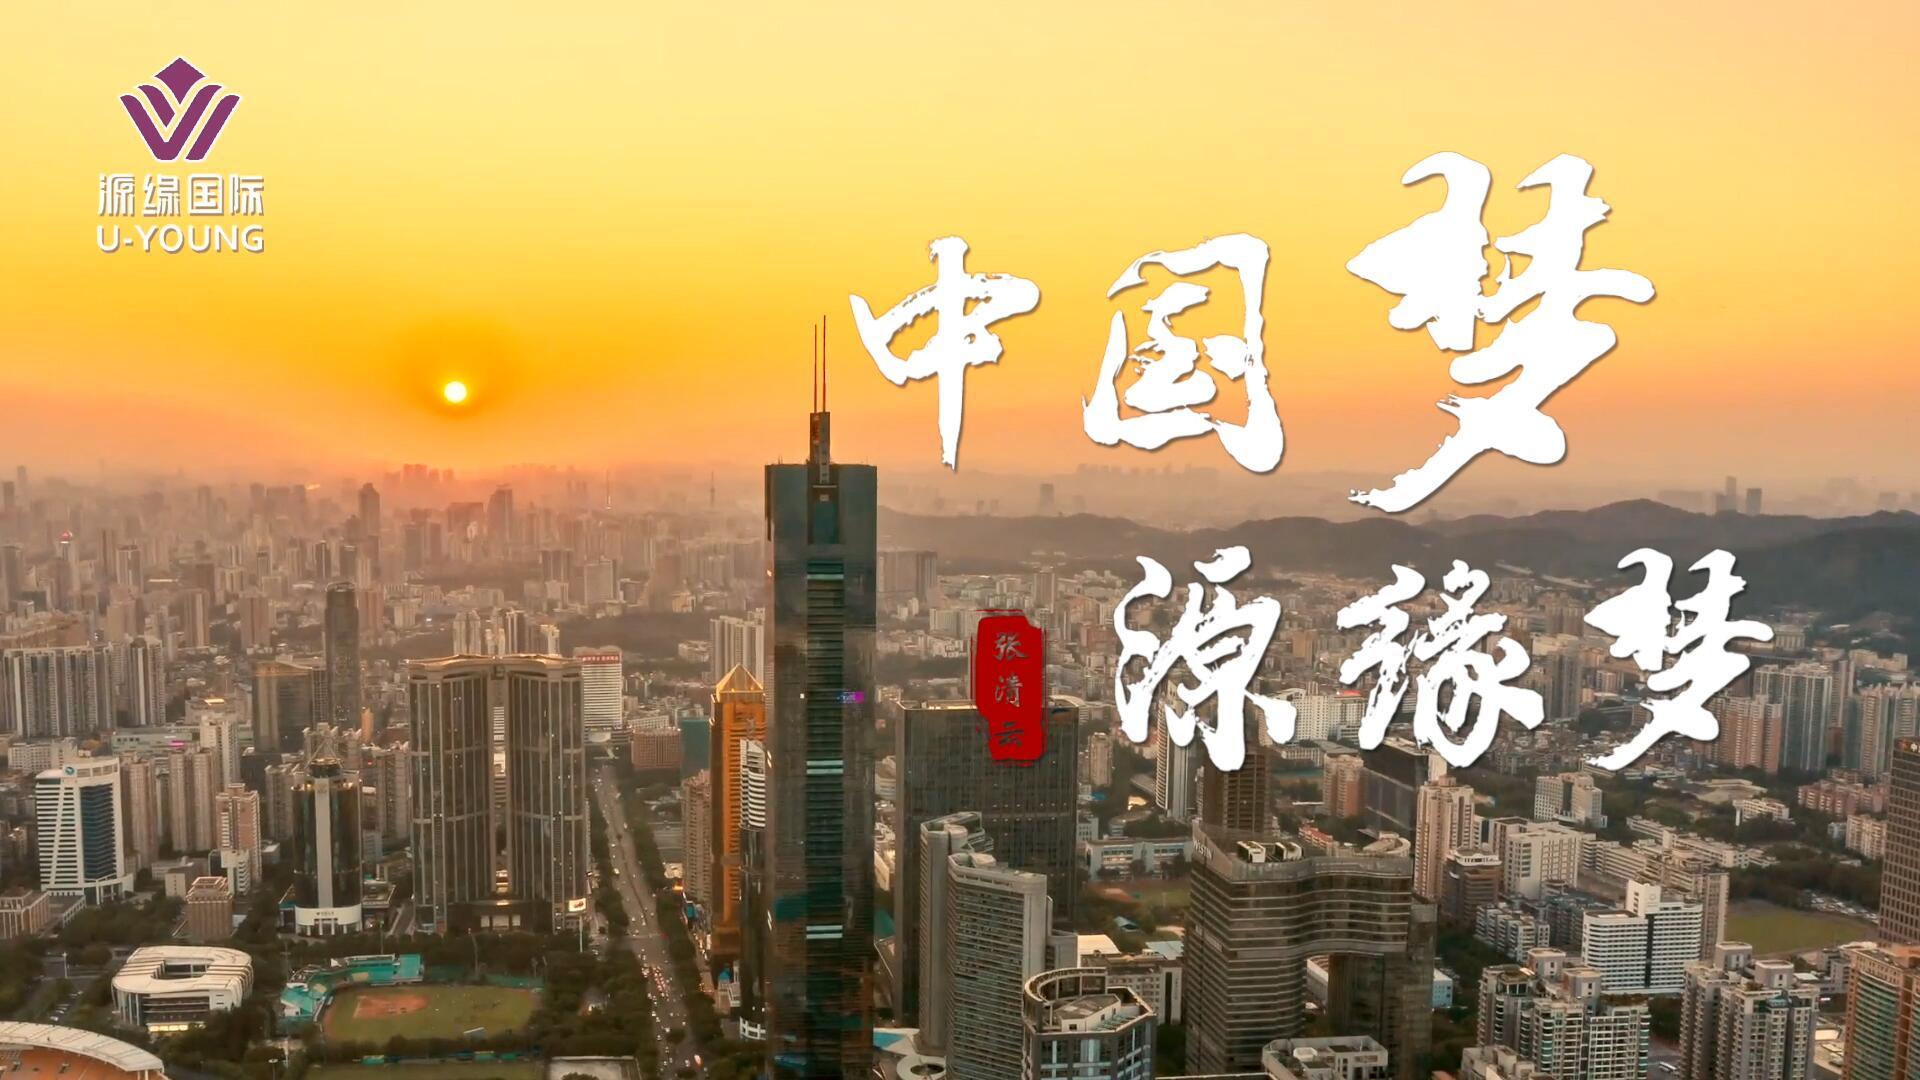 源缘国际《中国梦源缘梦 源缘国际团队文化片》